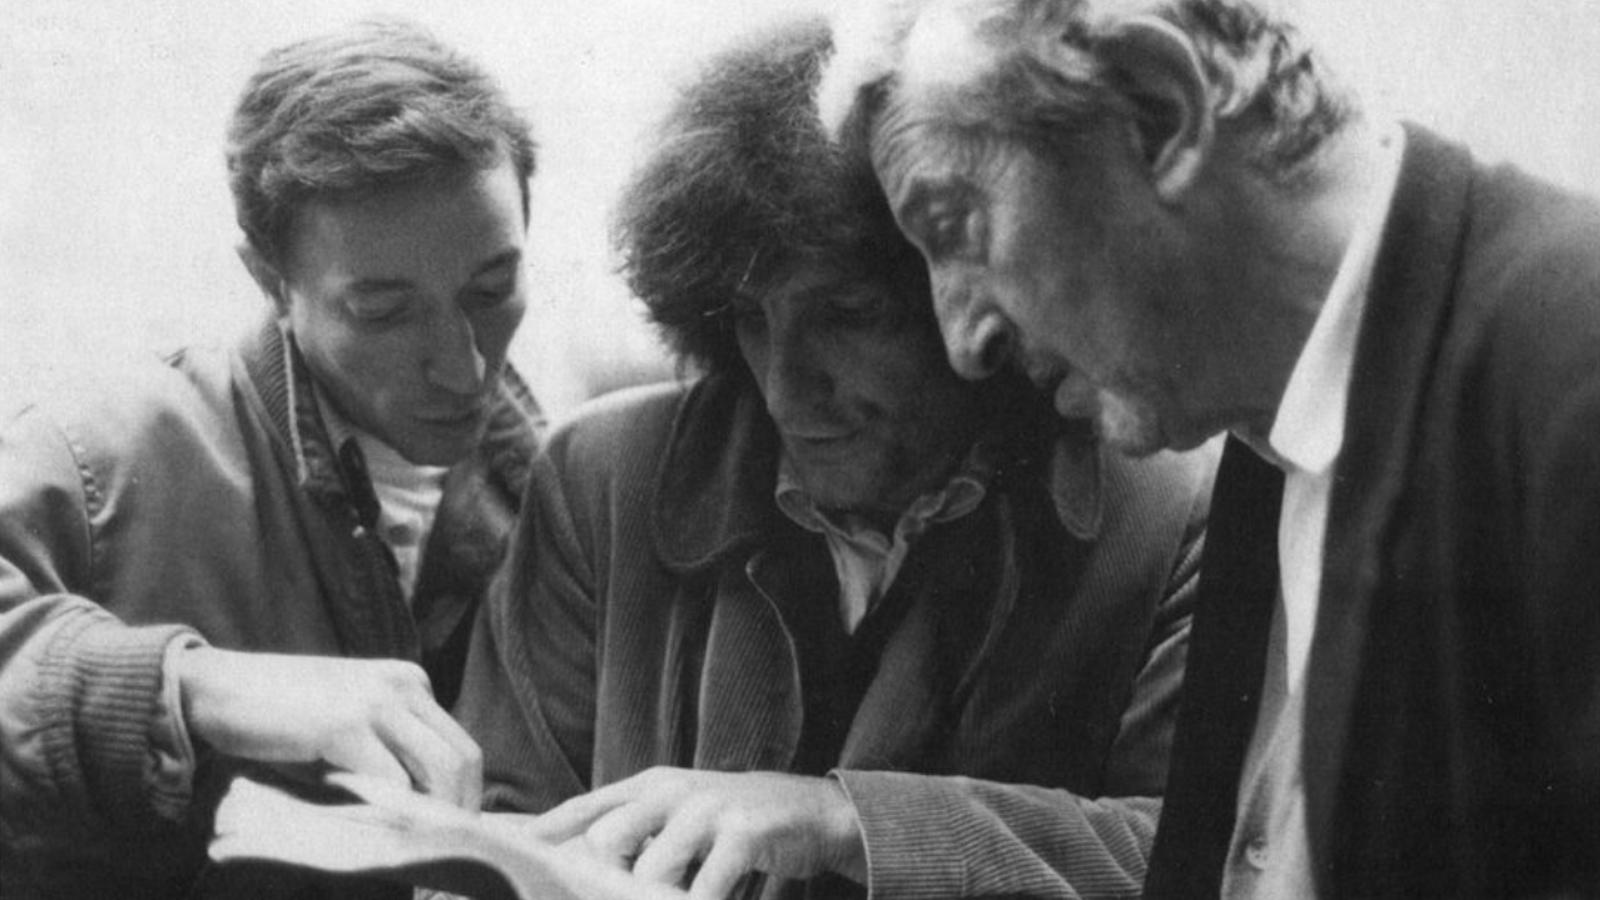 Philippe Garrel (center)